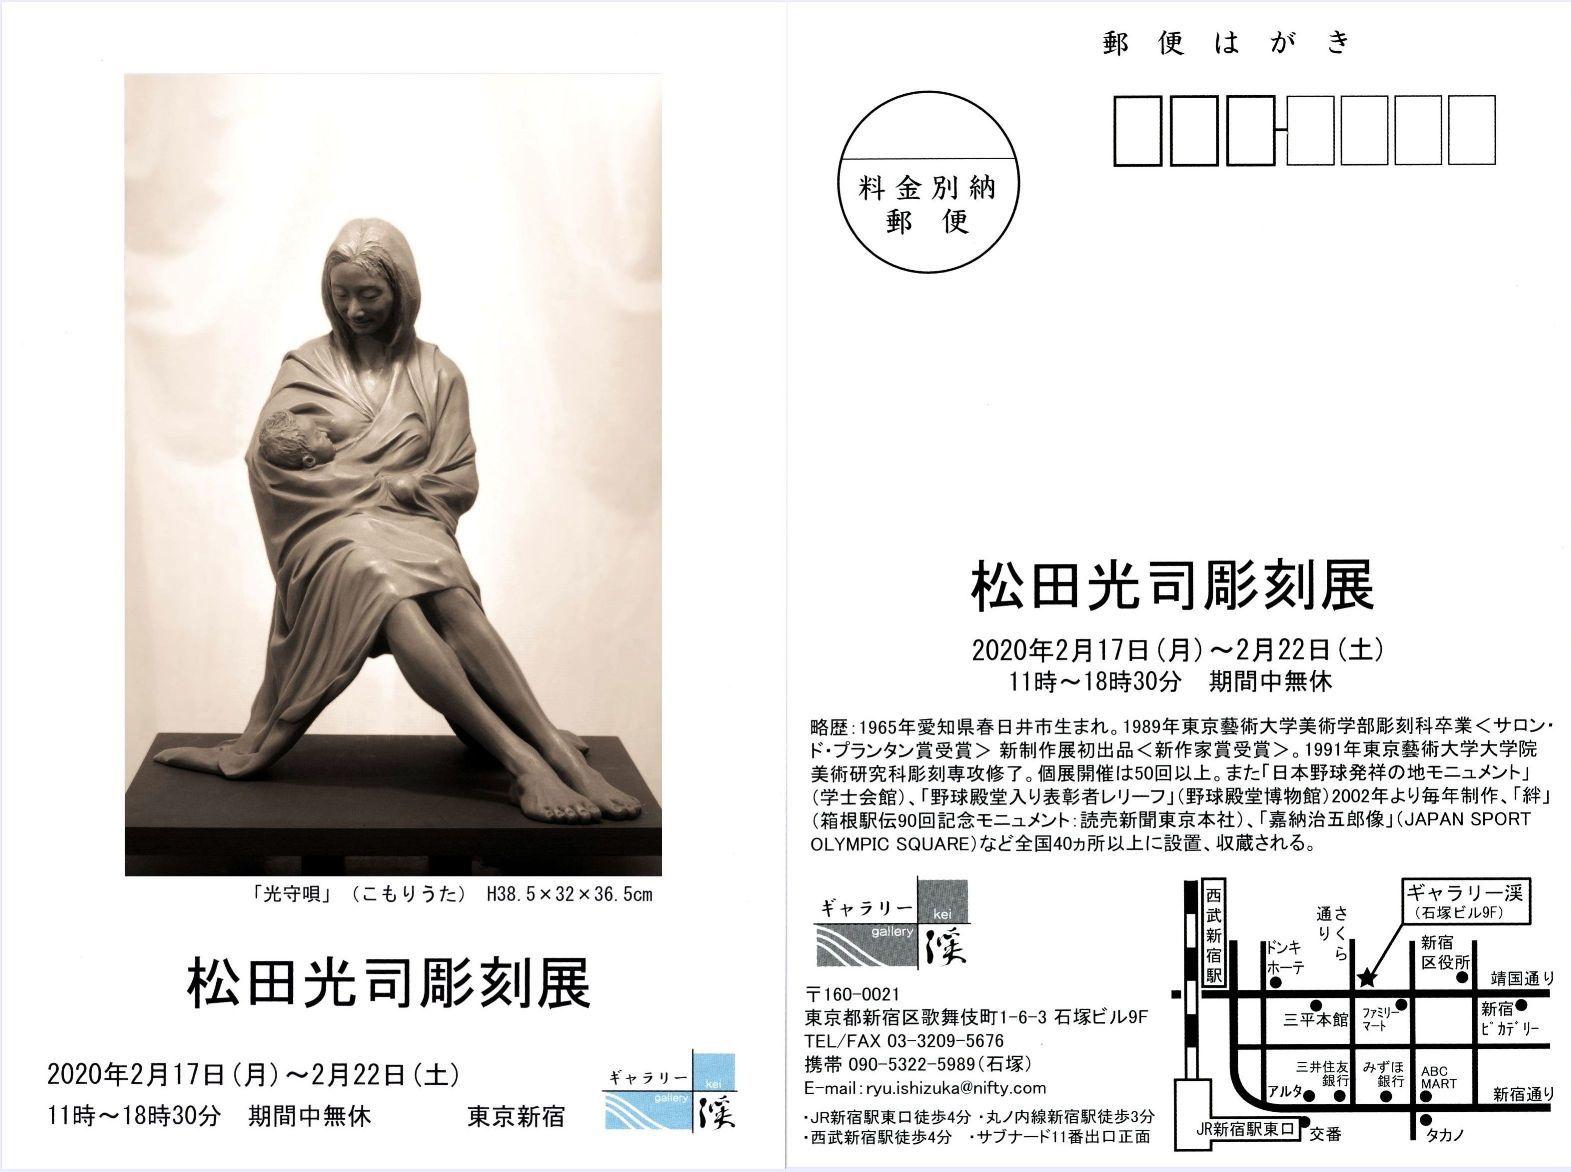 第10回ギャラリー渓個展ブログアップ用